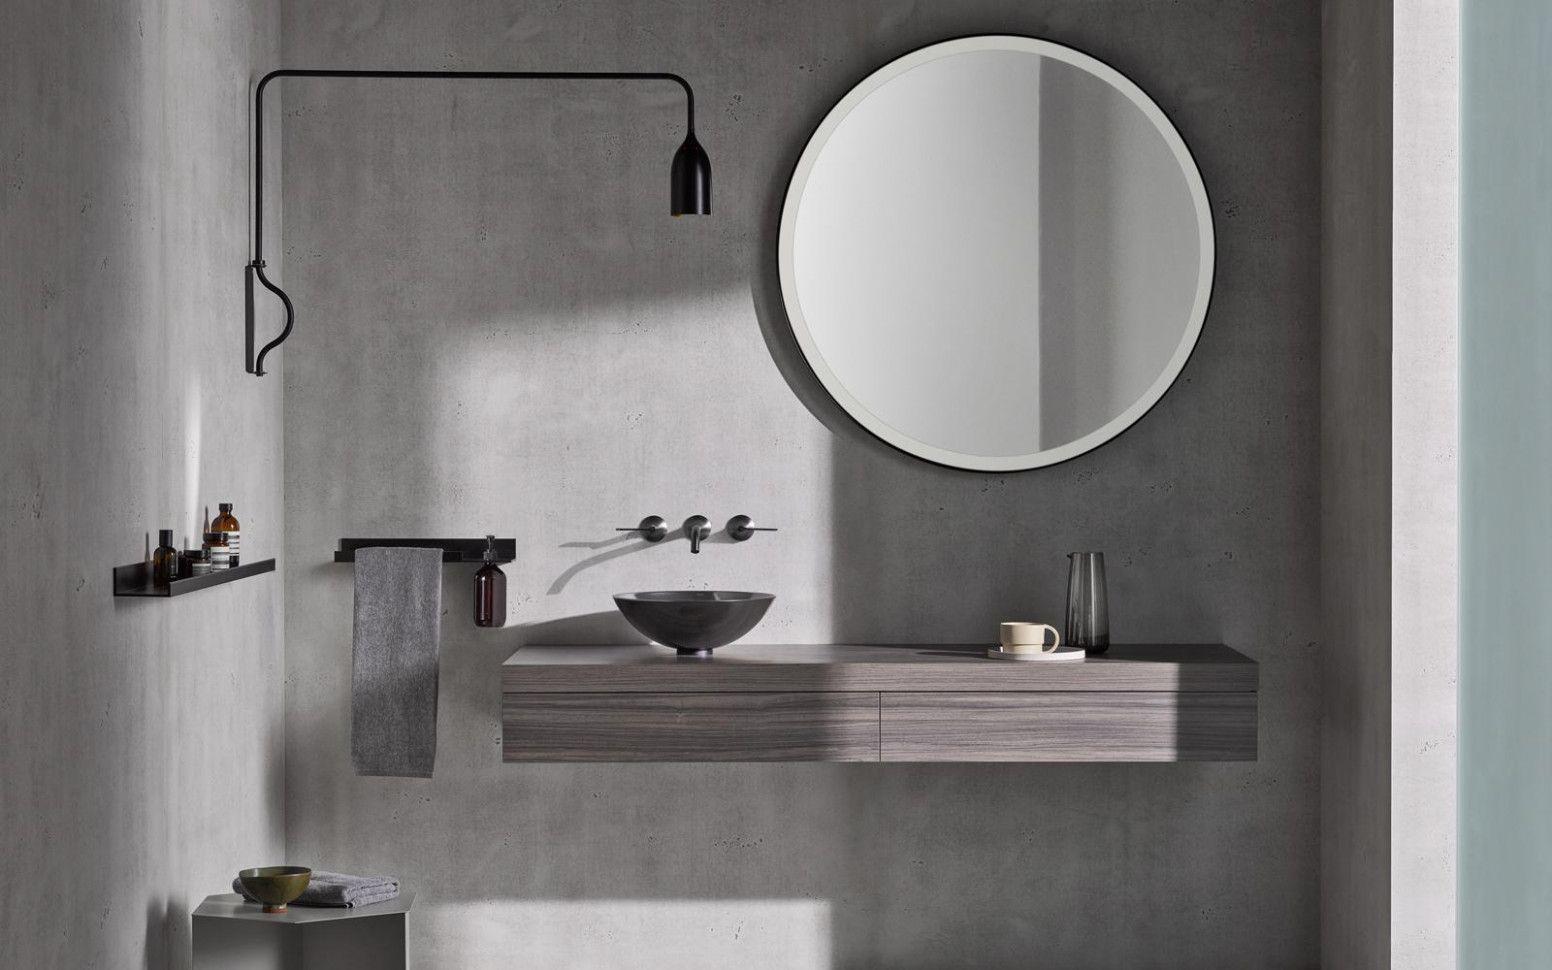 14 Beheizbare Spiegelrechte In 2020 Badezimmerspiegel Led Spiegel Badezimmer Fliesen